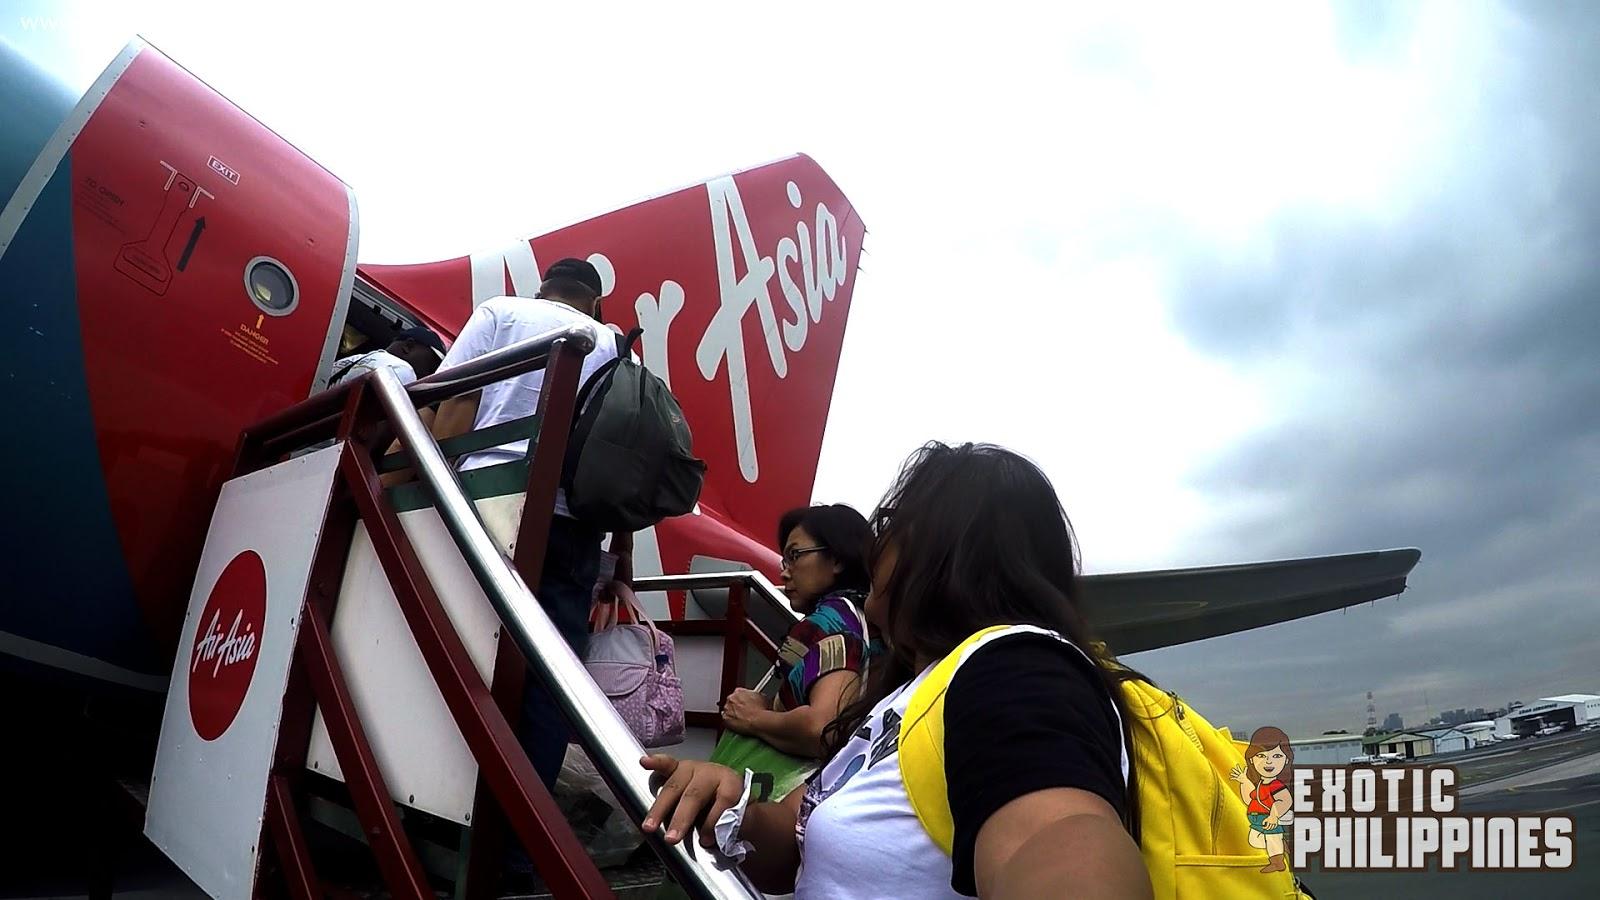 El Nido Palawan Travel Guide and Itinerary Exotic Philippines Travel Blog Bloger vlogger Vlog Video YouTuber Expenses How to Get to El Nido via Puerto Princesa Palawan AirAsia Cebu Manila